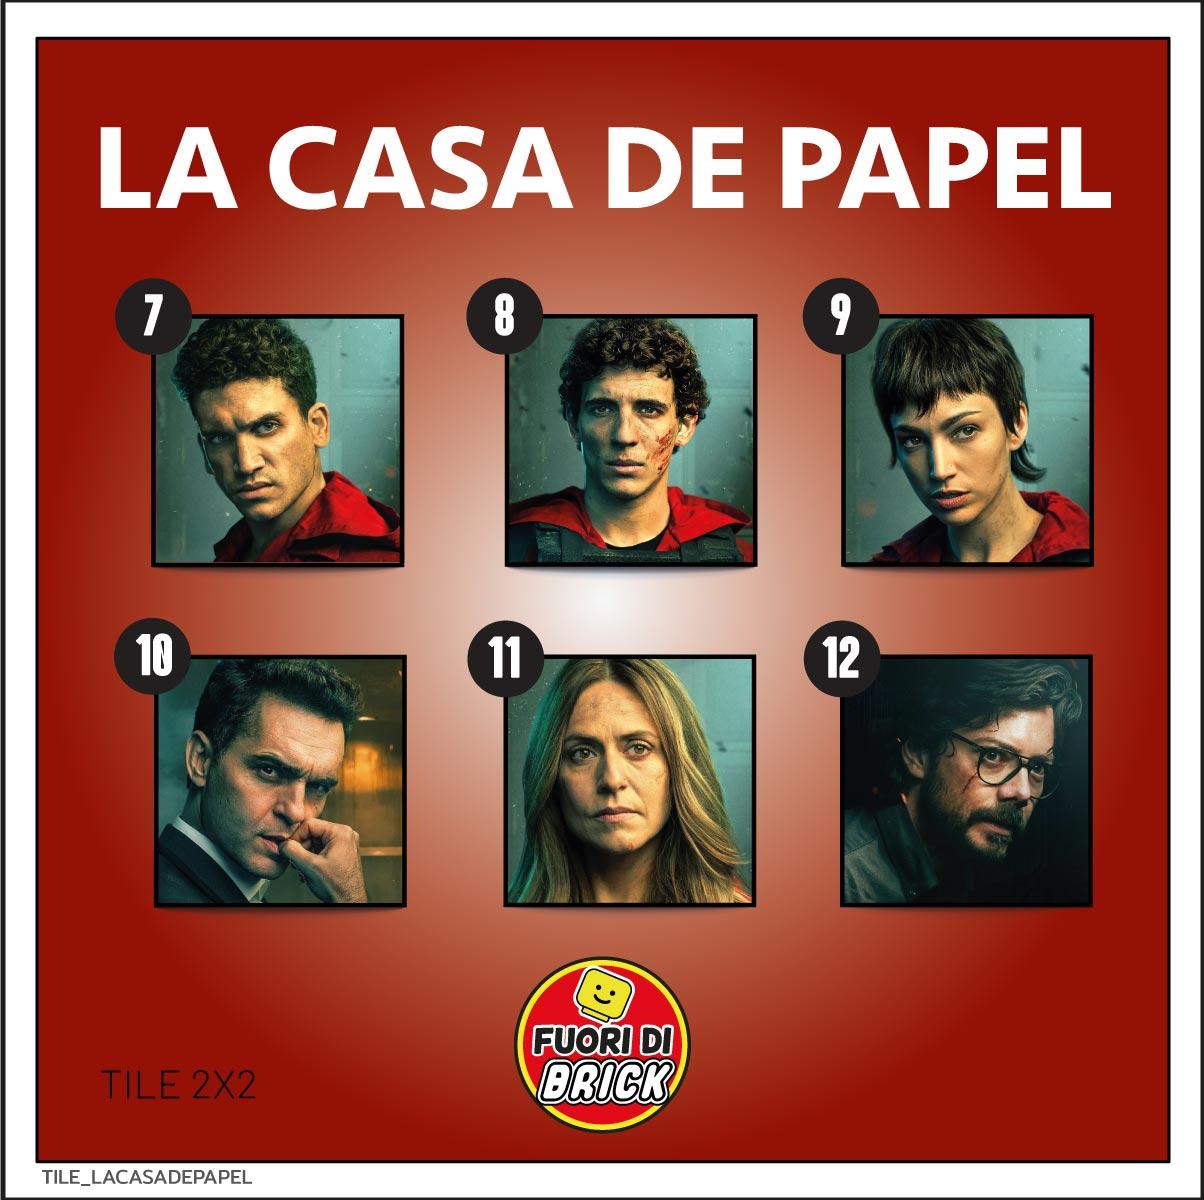 TILE 2X2_LA CASA DE PAPEL